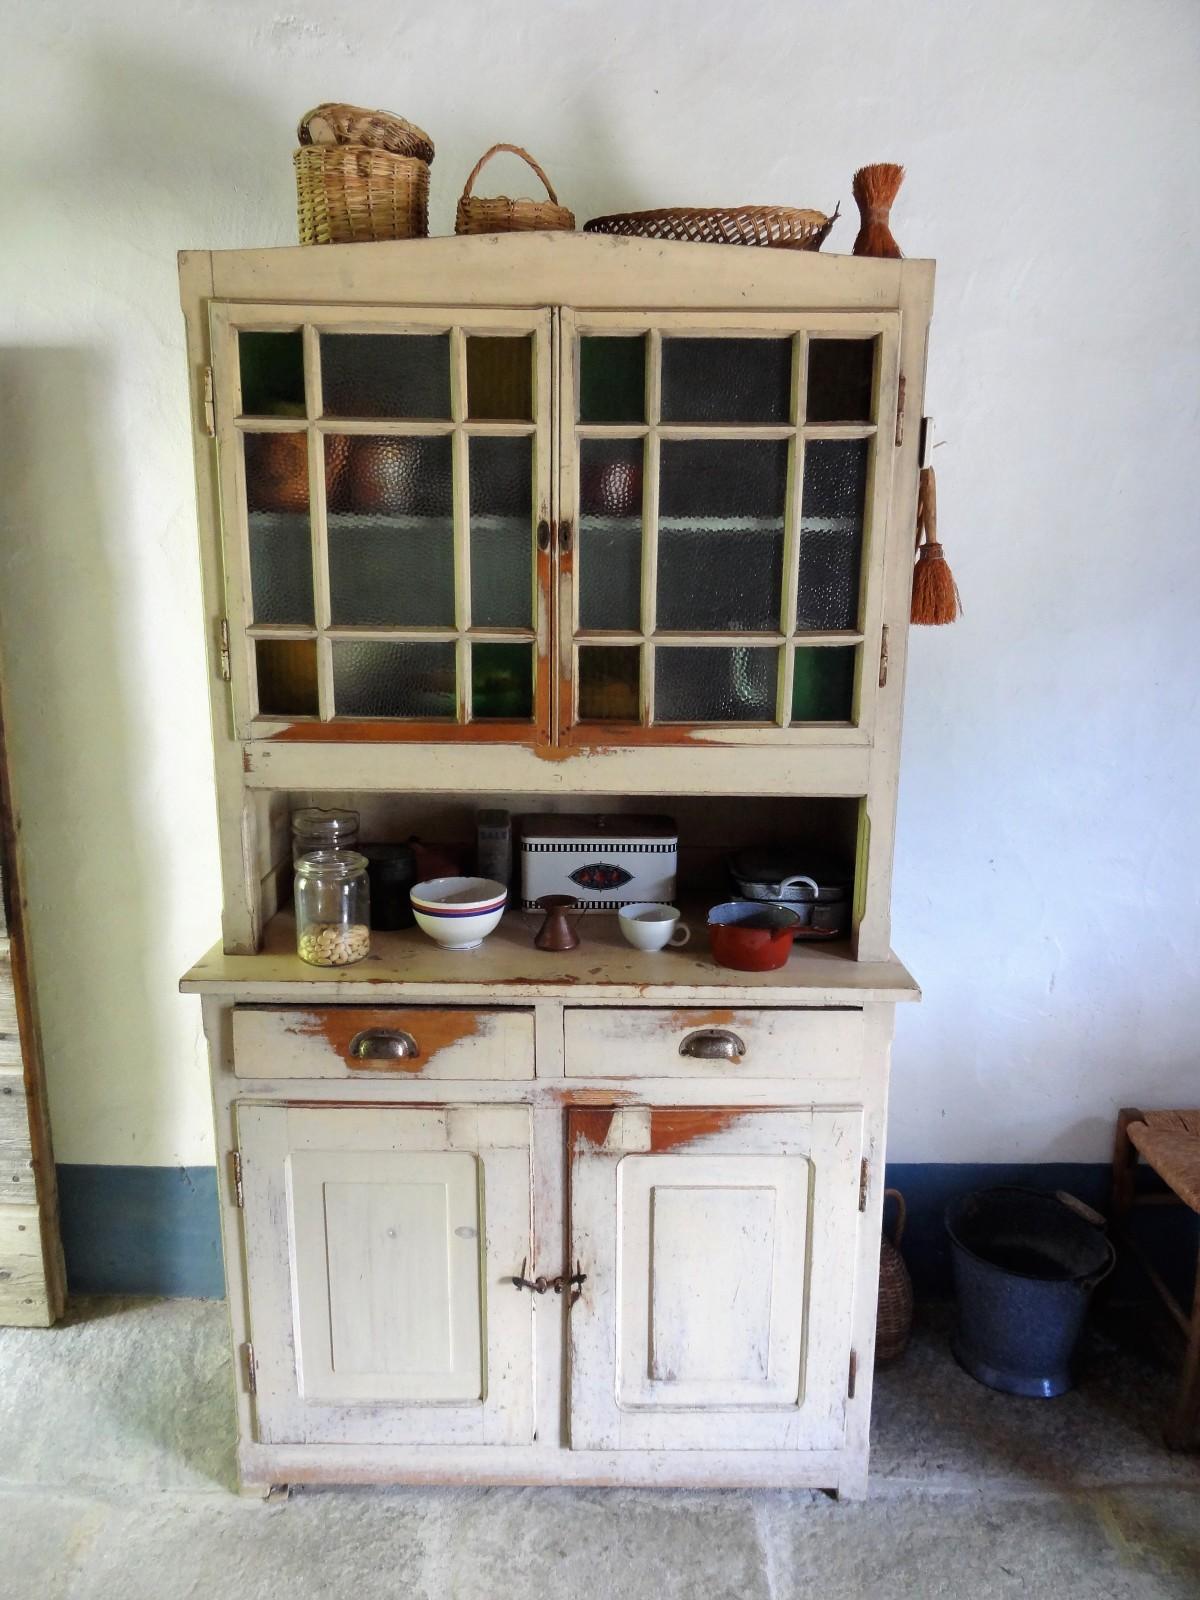 무료 이미지 : 목재, 포도 수확, 고대 미술, 복고풍의, 늙은, 집 ...